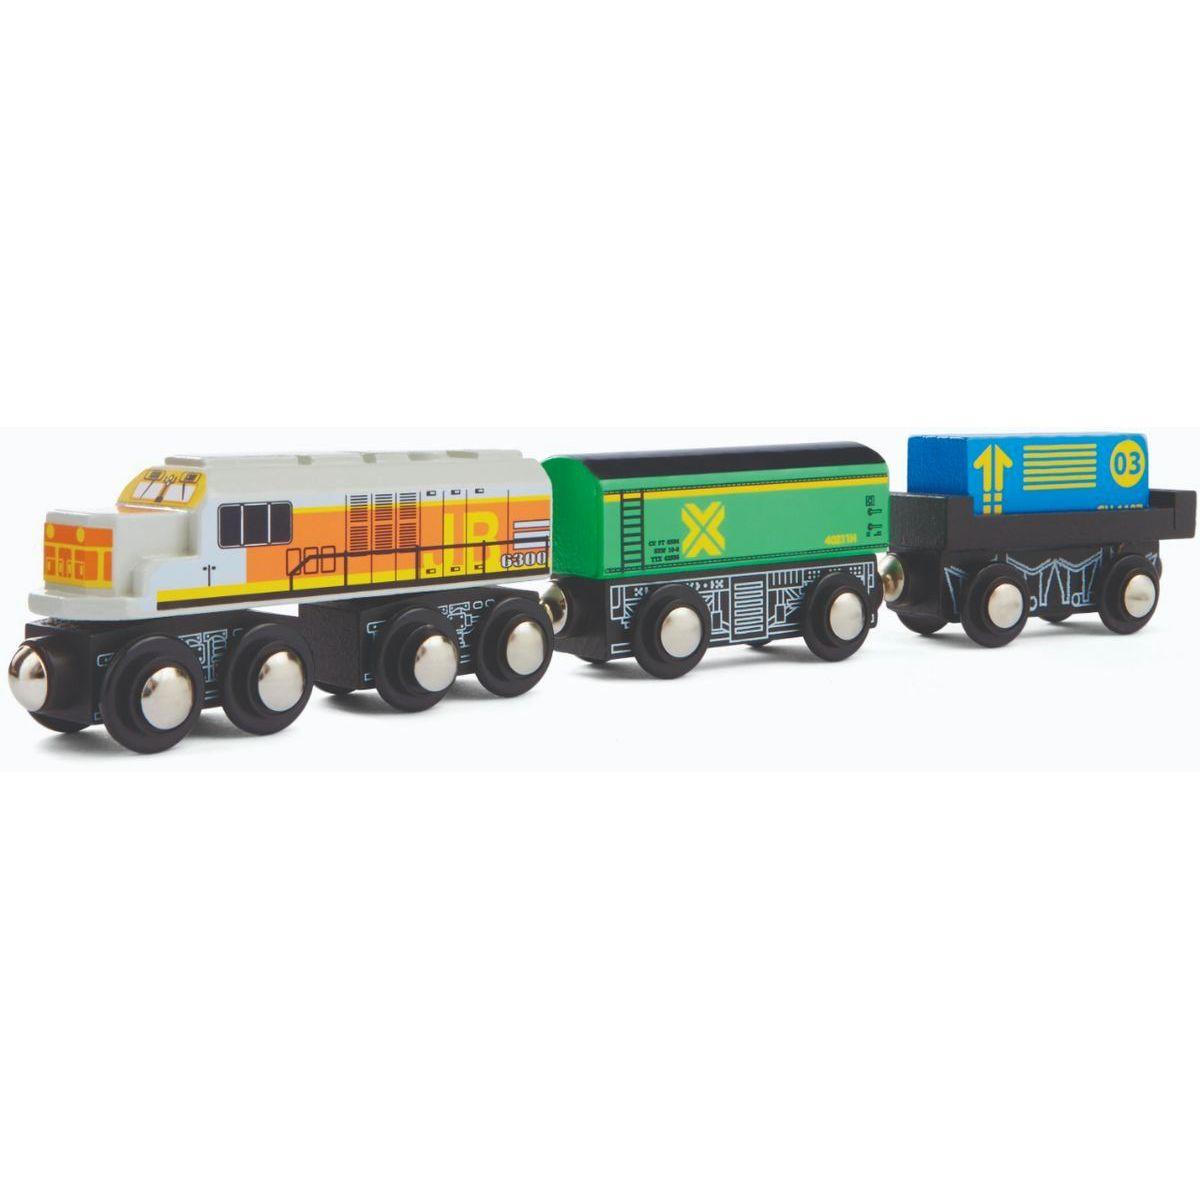 Maxim Nákladní souprava s bílou lokomotivou